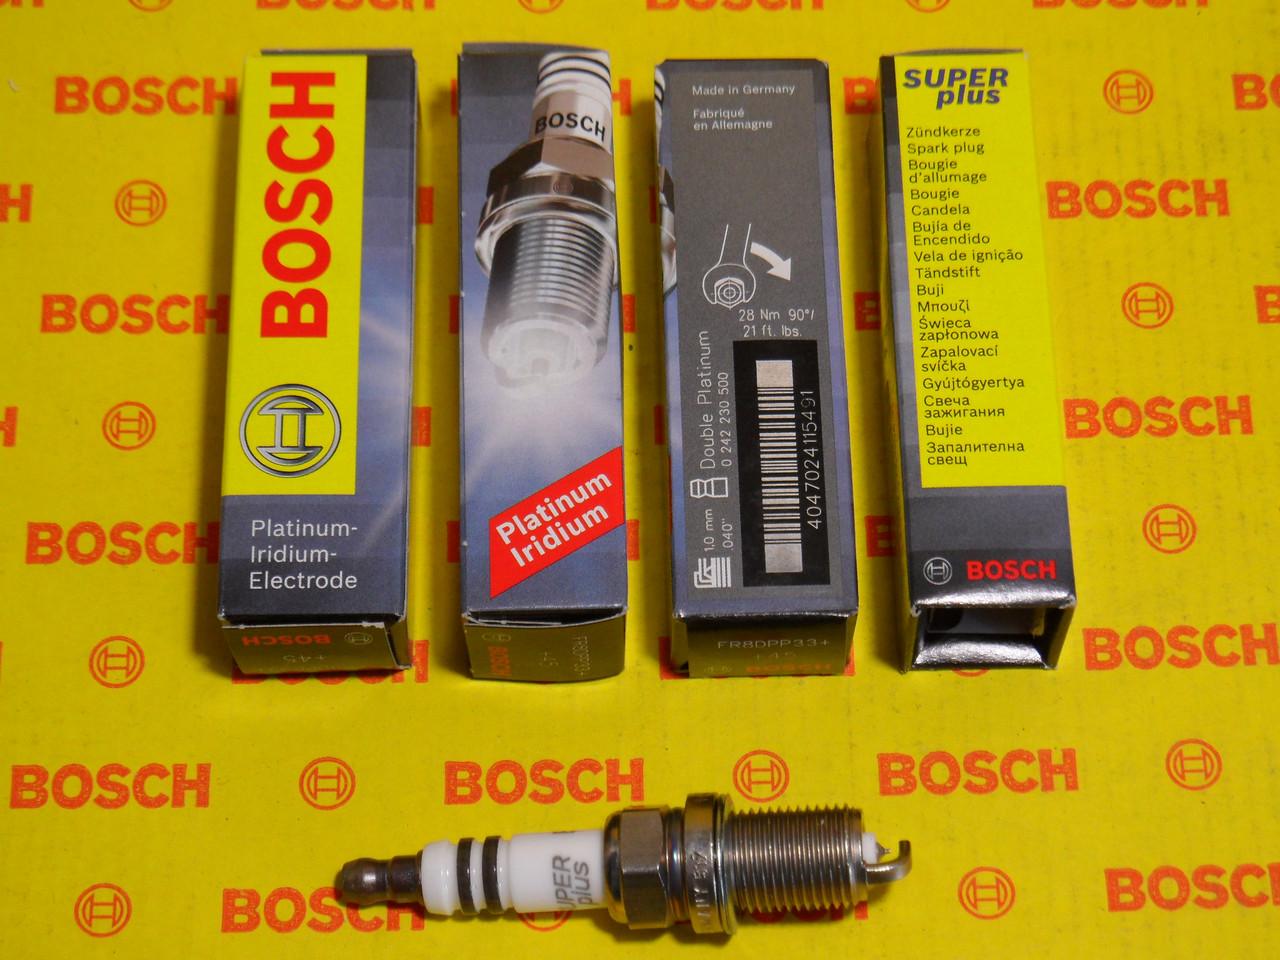 Свечи зажигания BOSCH, FR8DPP33+, +45, 1.0, Super +, 0242230500, 0 242 230 500,